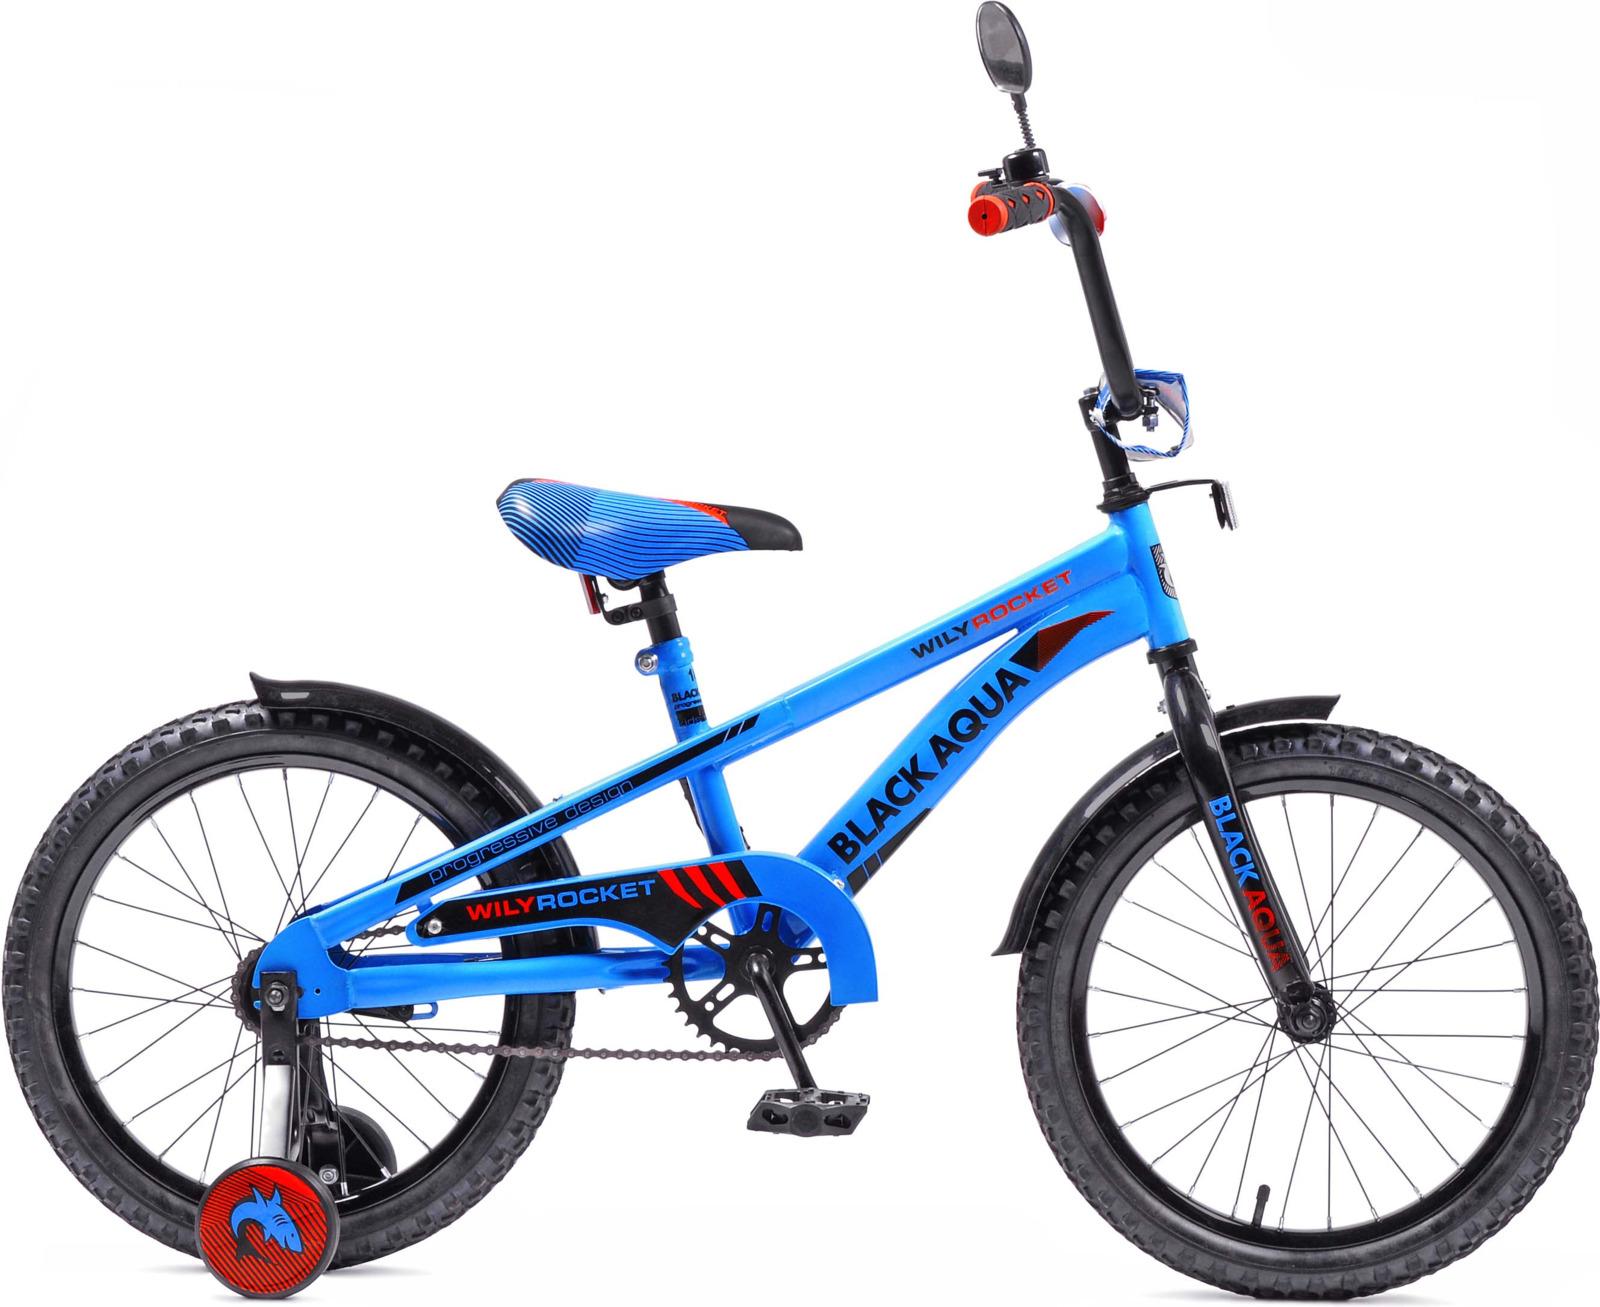 Велосипед детский Black Aqua Wily Rocket, KG1608, колесо 16